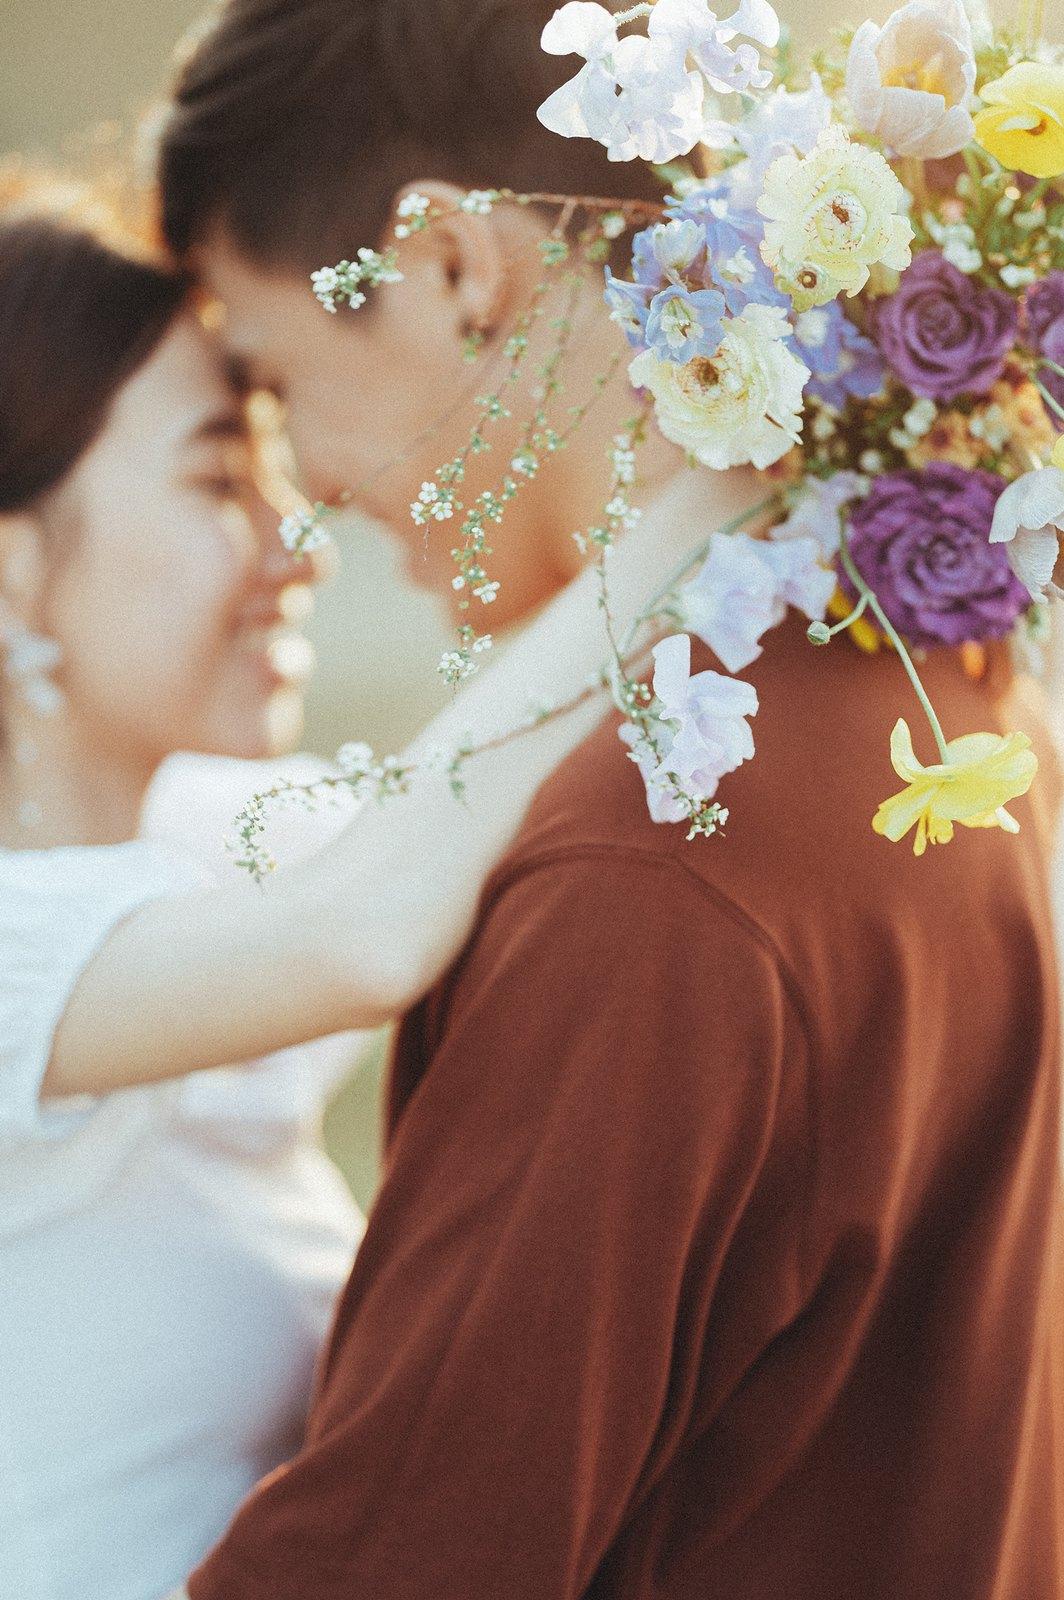 【婚紗】Rei & John / 約會婚紗 / 東北角海岸 / 濱海公路